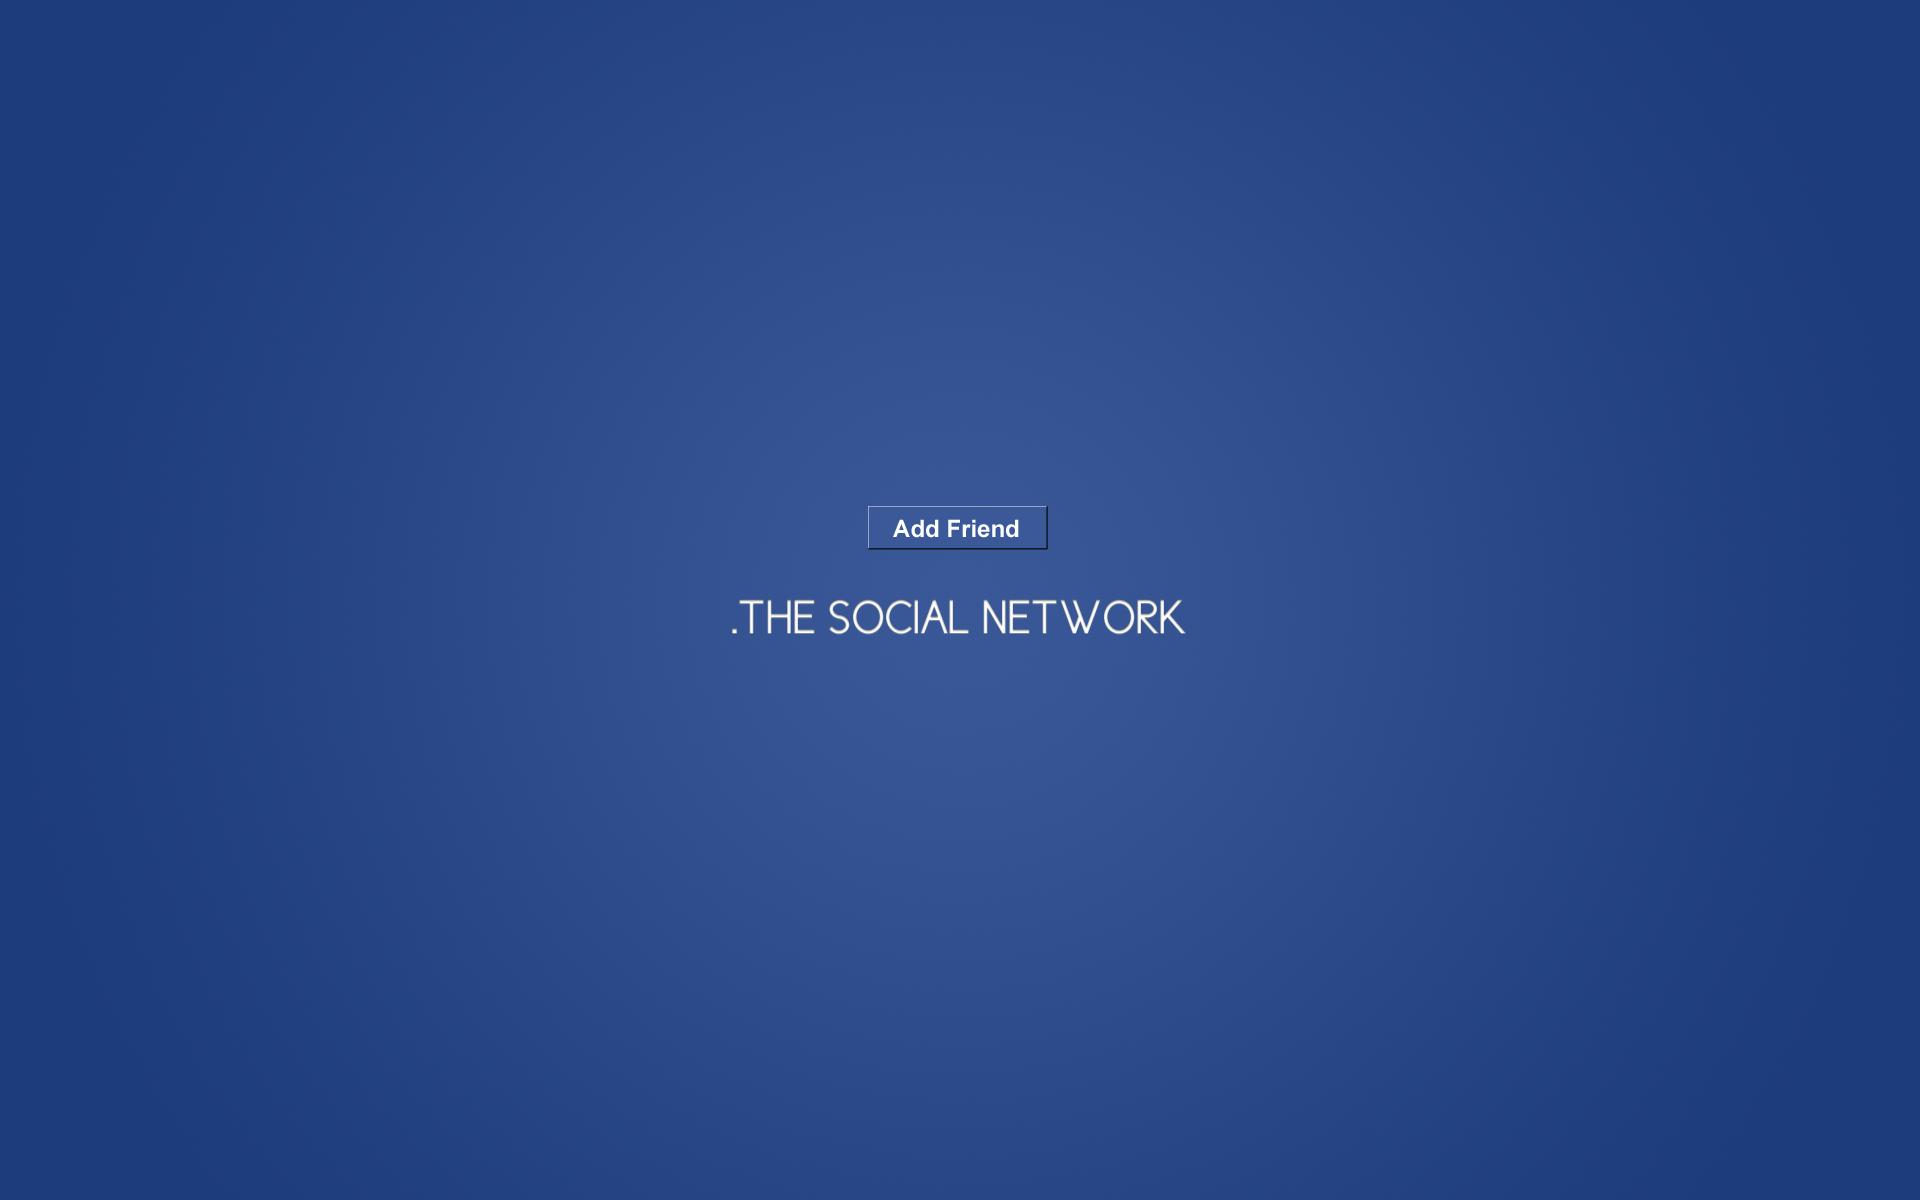 氪纪 2015 |微信过载、陌陌攻坚,社交网络的空间还是要回到需求原点